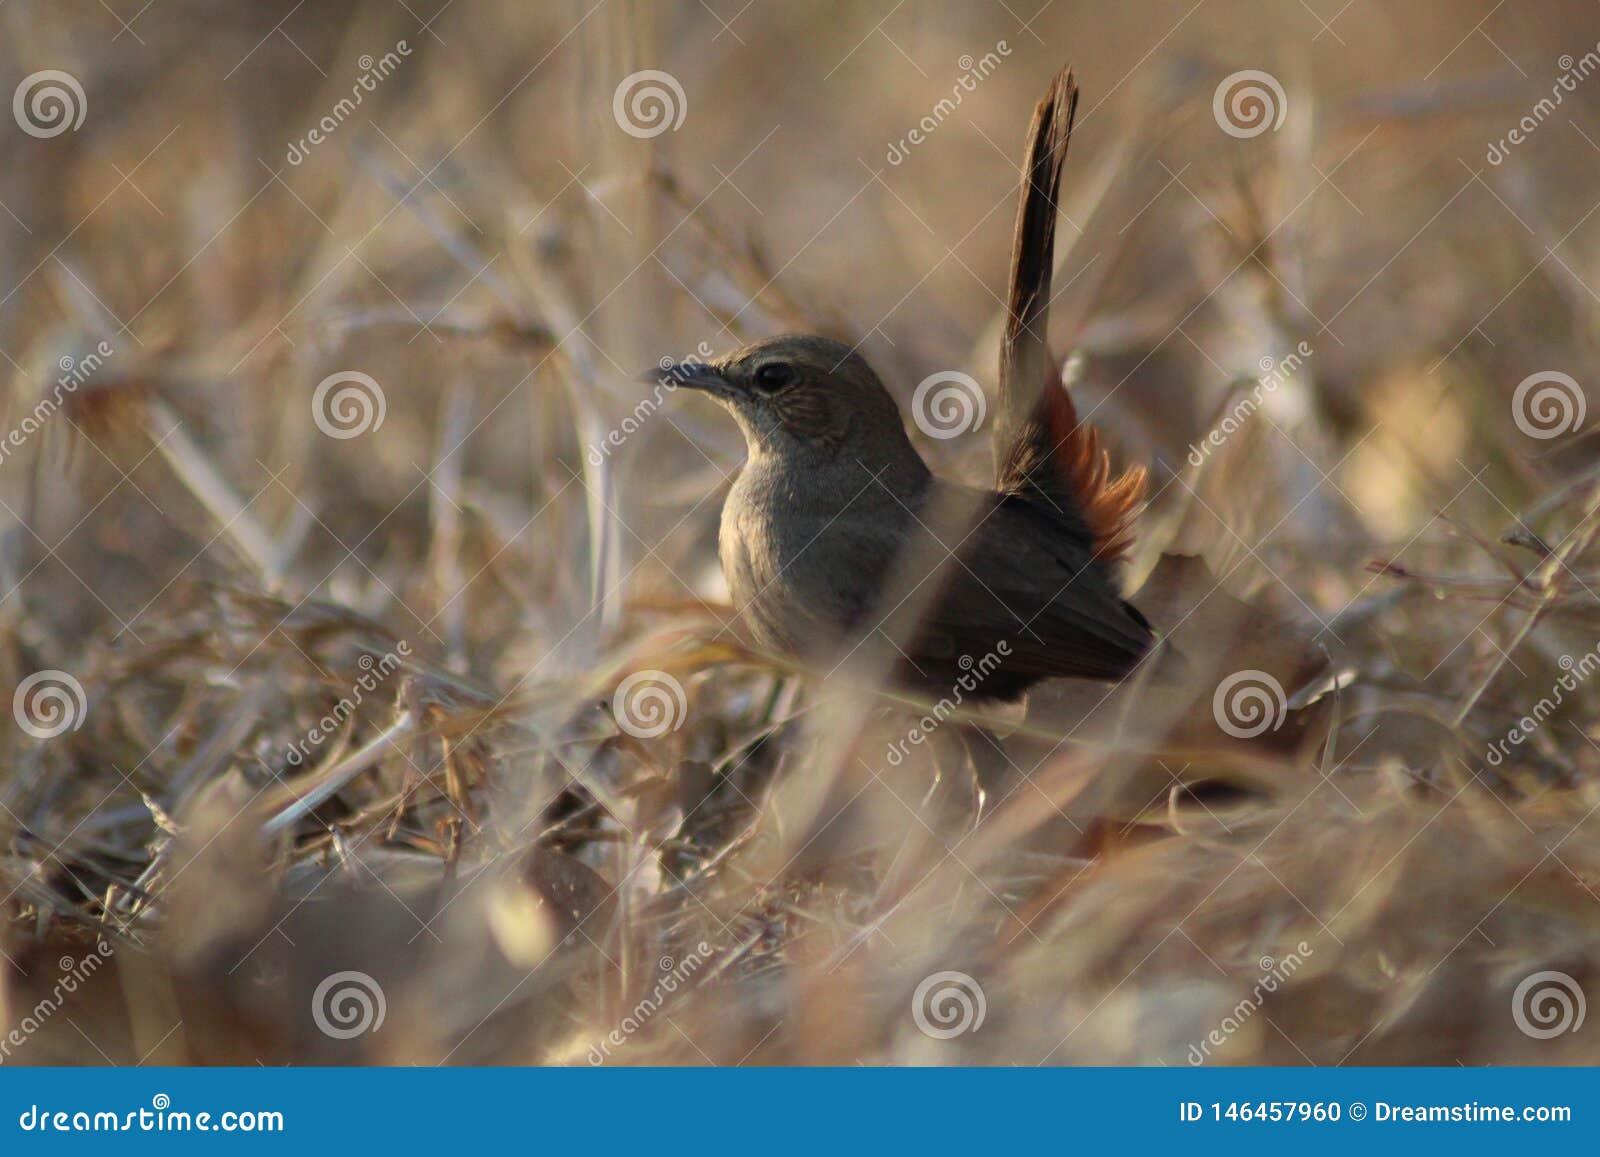 Το ινδικό θηλυκό πουλί της Robin ανήκει στην πόλη hydrabad